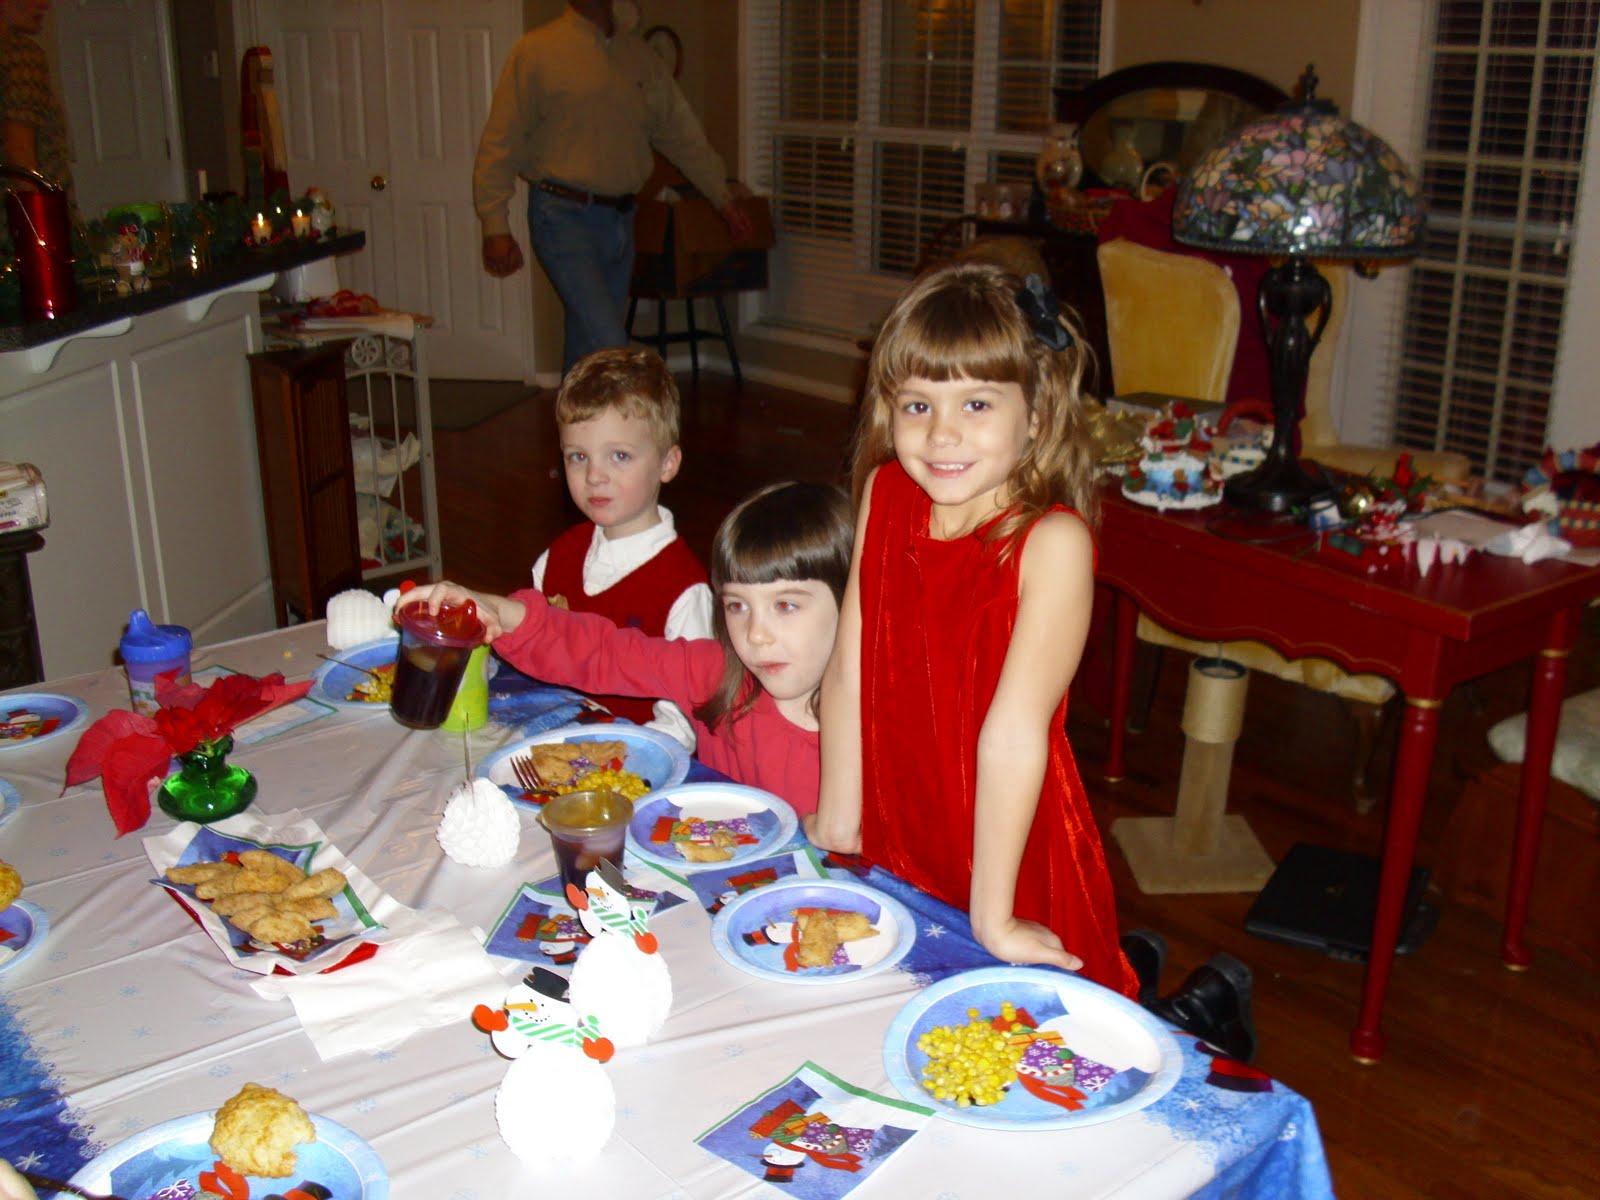 [Christmas+Eve+Kid's+Table2]